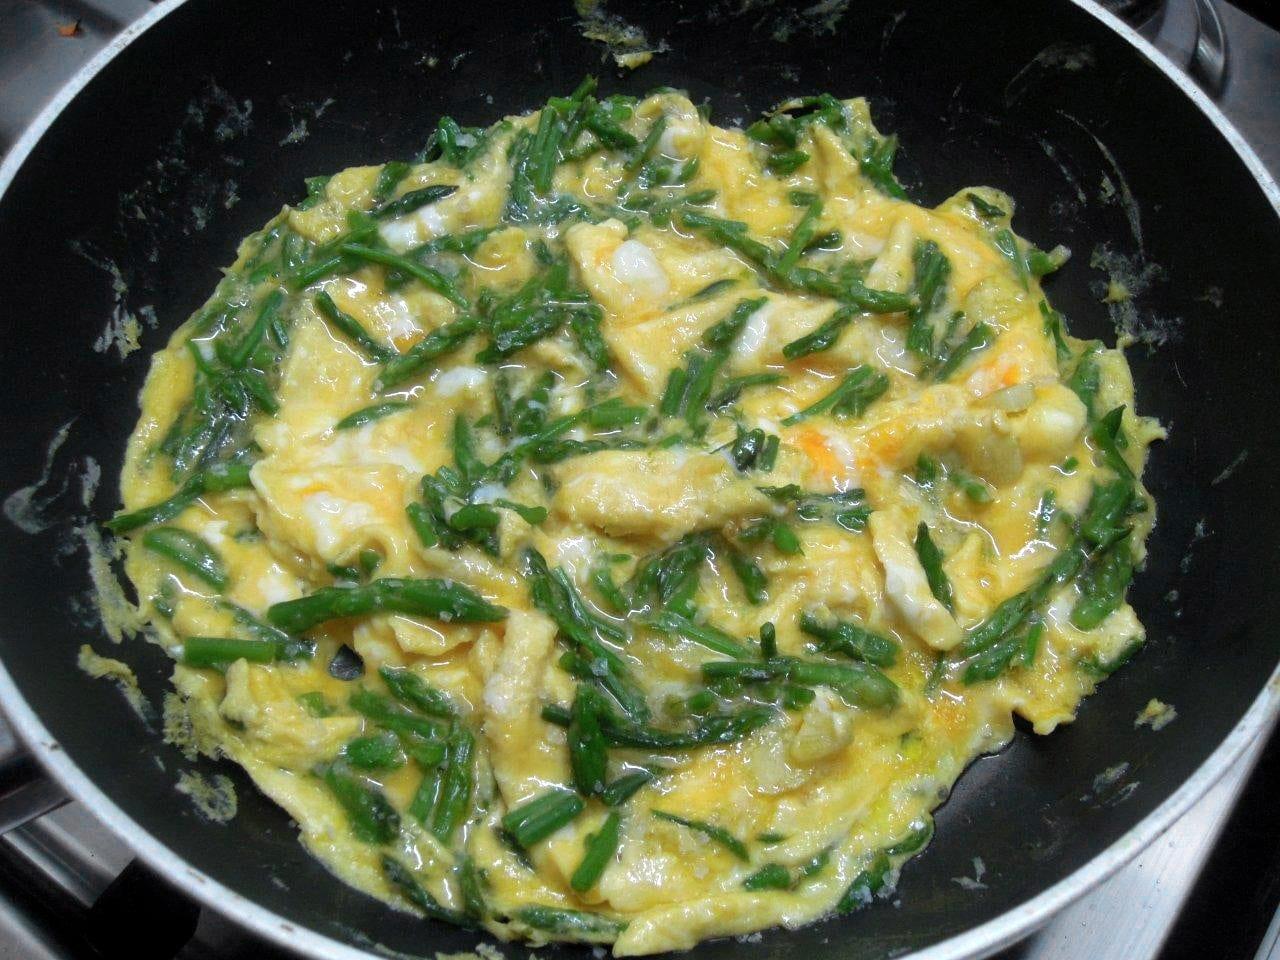 Ovos mexidos com espargos bravos ovos mexidos com espargos bravos Ovos Mexidos com Espargos Bravos EspargosBravos Ovos2